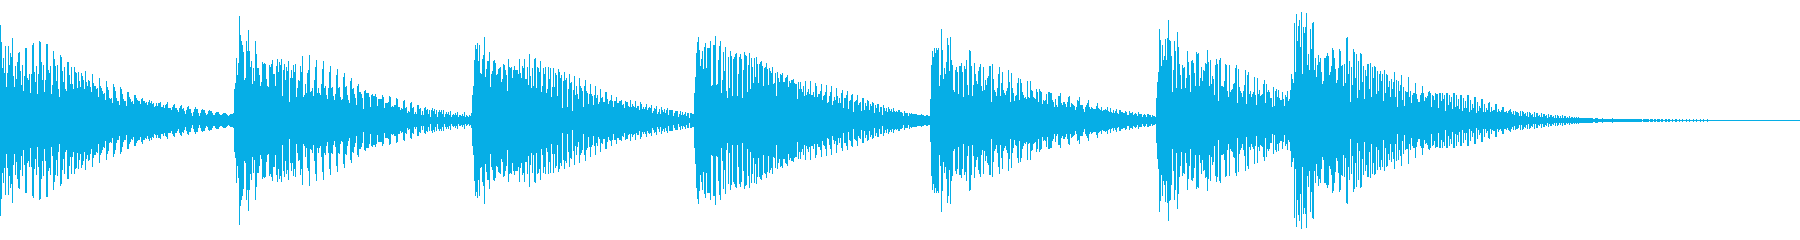 場面転換、締め、落ち、明るく可愛く木琴での再生済みの波形